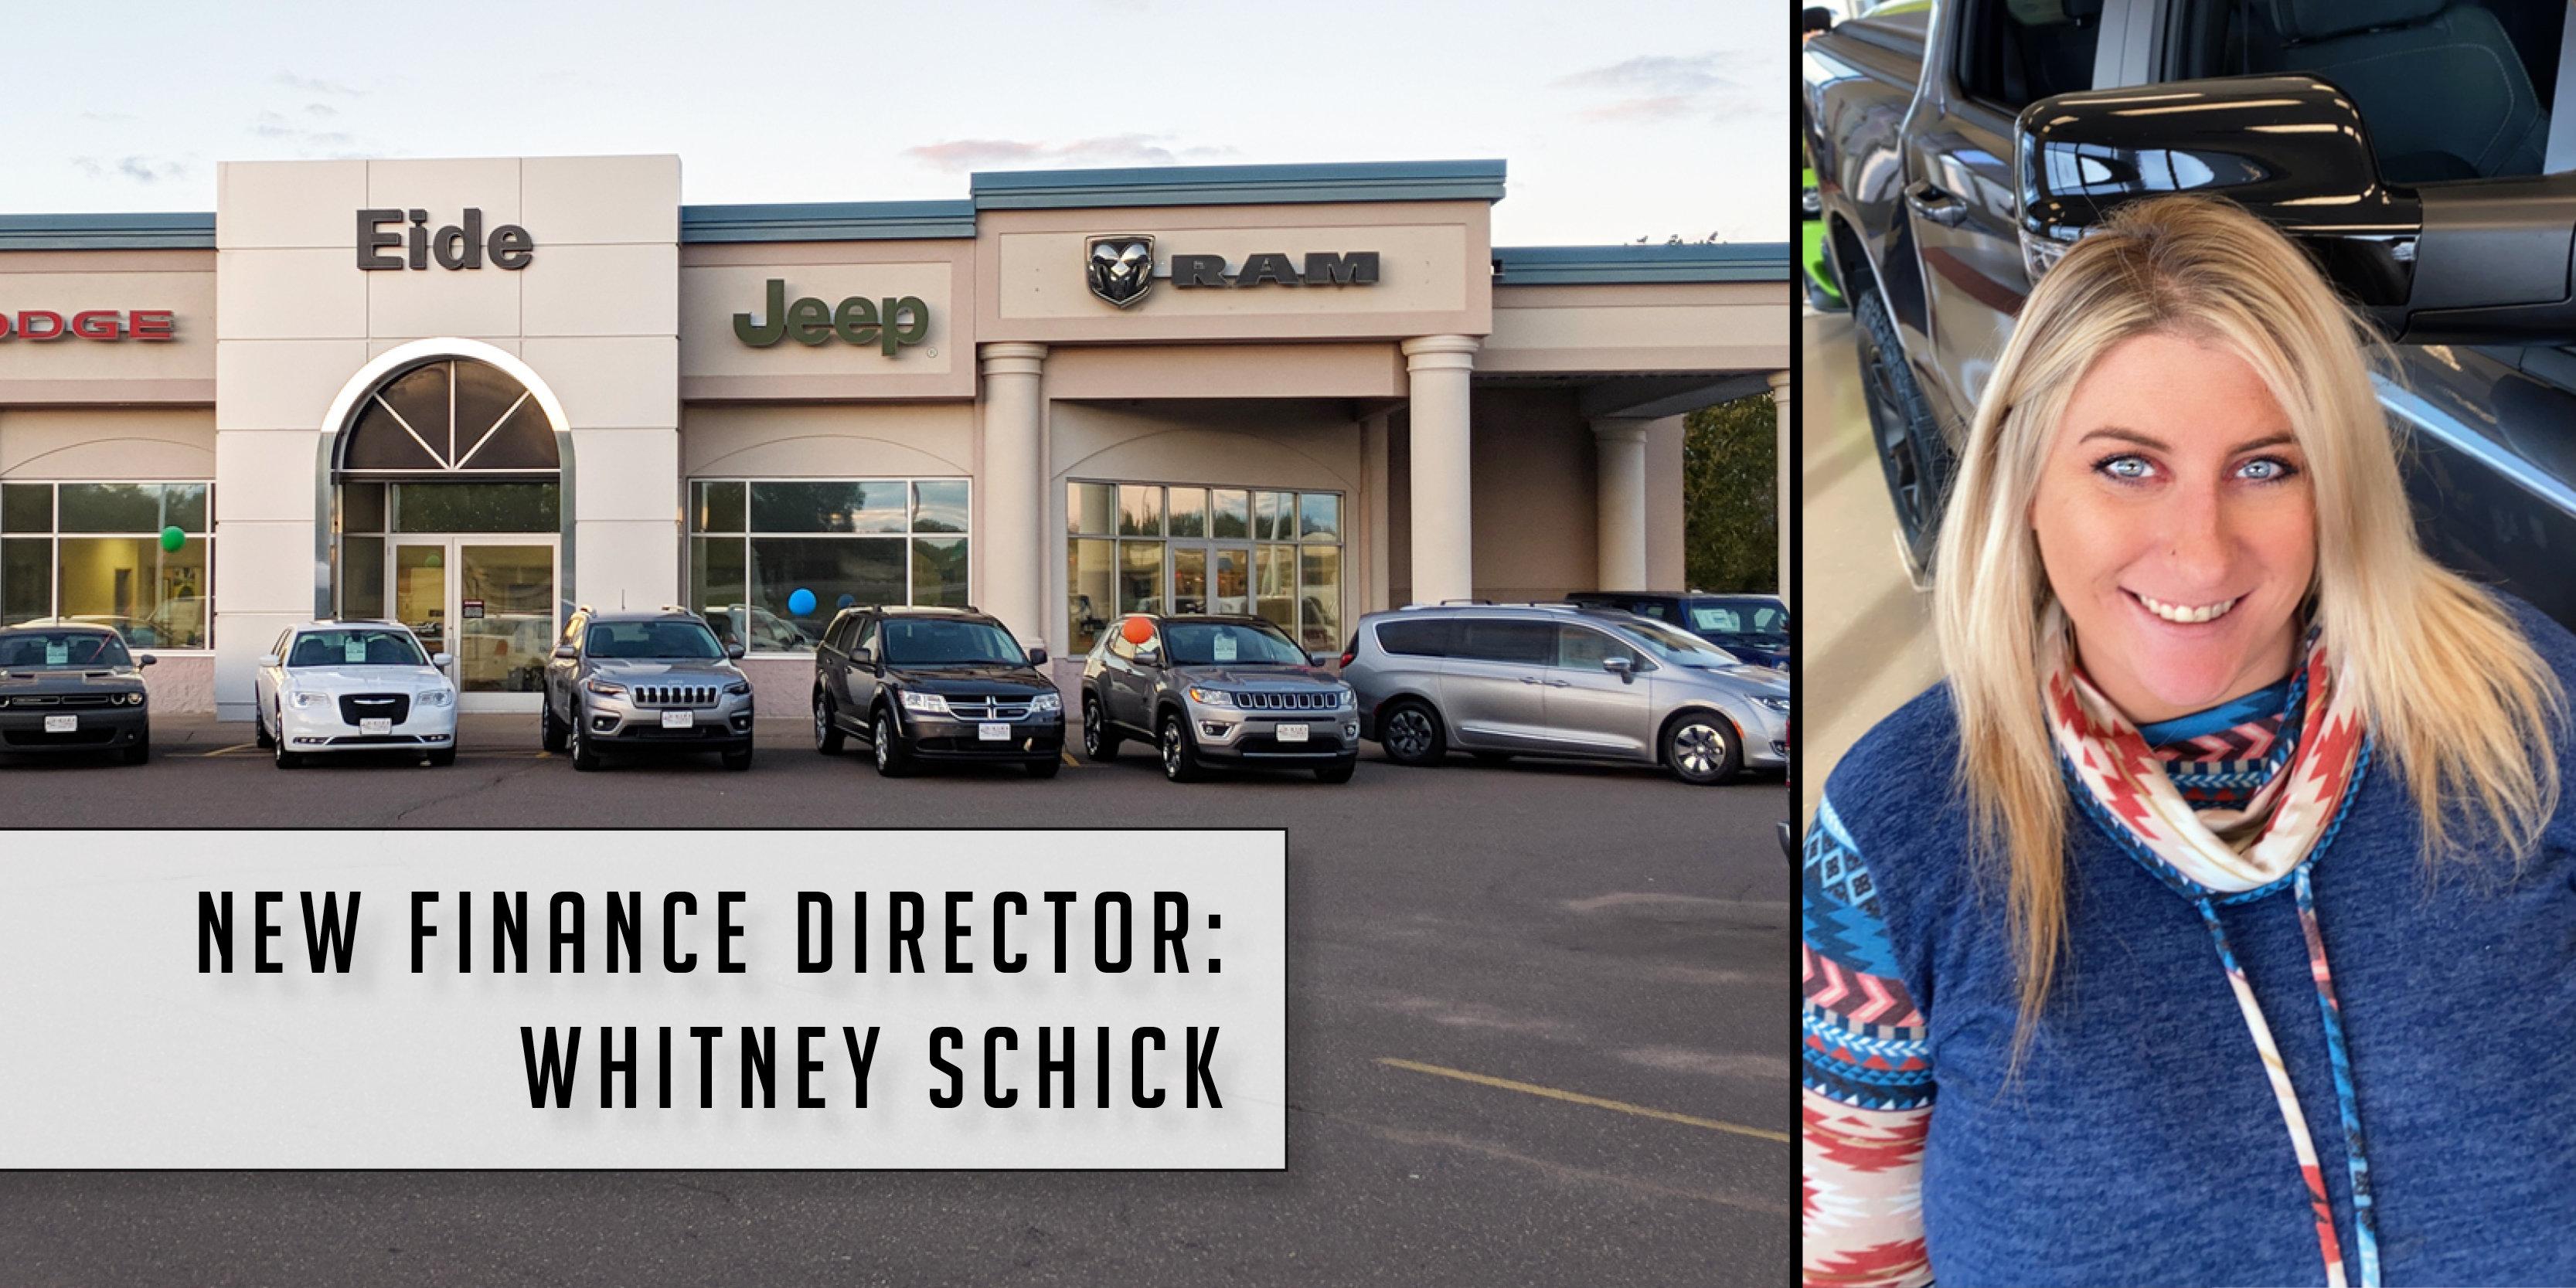 Whitney Schick joins Eide Chrysler Pine City team as new Finance Director